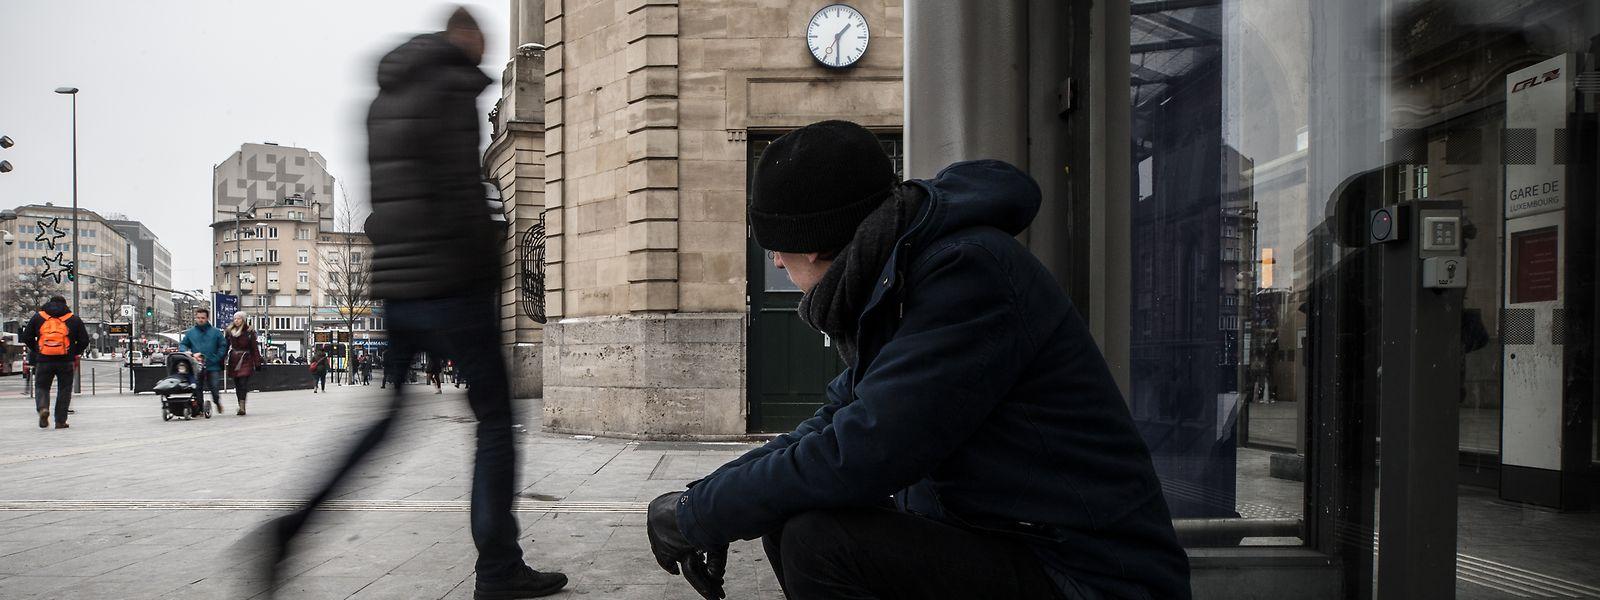 Das Jugendschutzgesetz setzt darauf, jugendliche Straftäter wieder zurück auf den rechten Weg zu bringen.